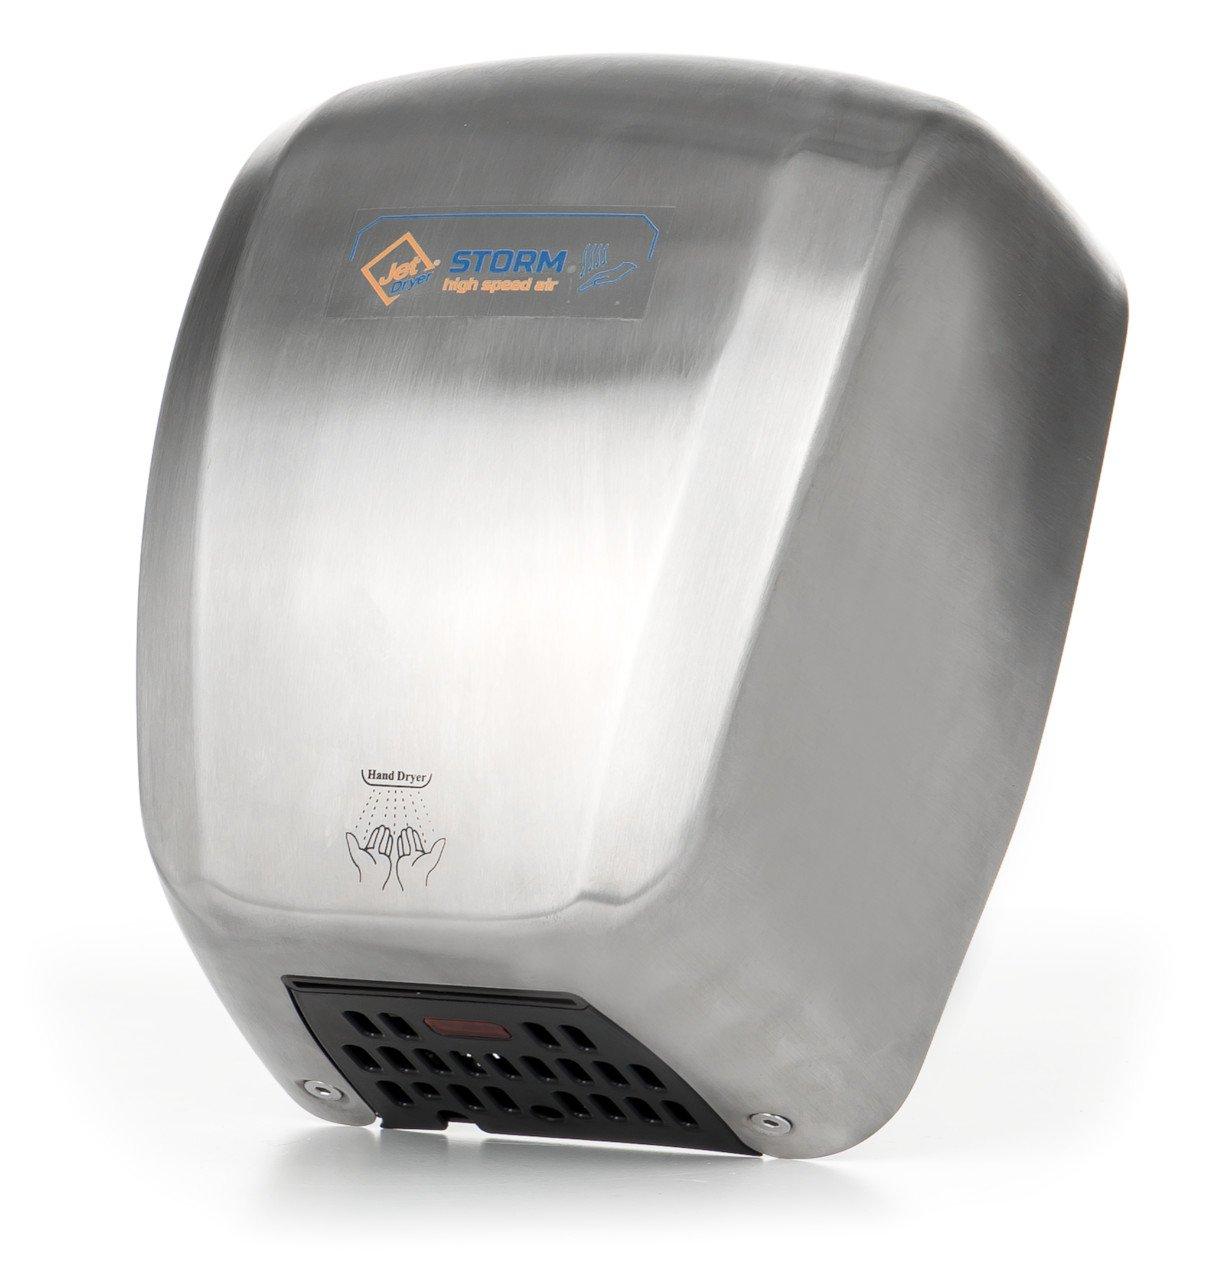 Asciugatore Jet Dryer Storm–Più Veloce e Potente handlicher asciugatore mani–Argento Acciaio Inossidabile WELT SERVIS spol s r.o. 8596220006394